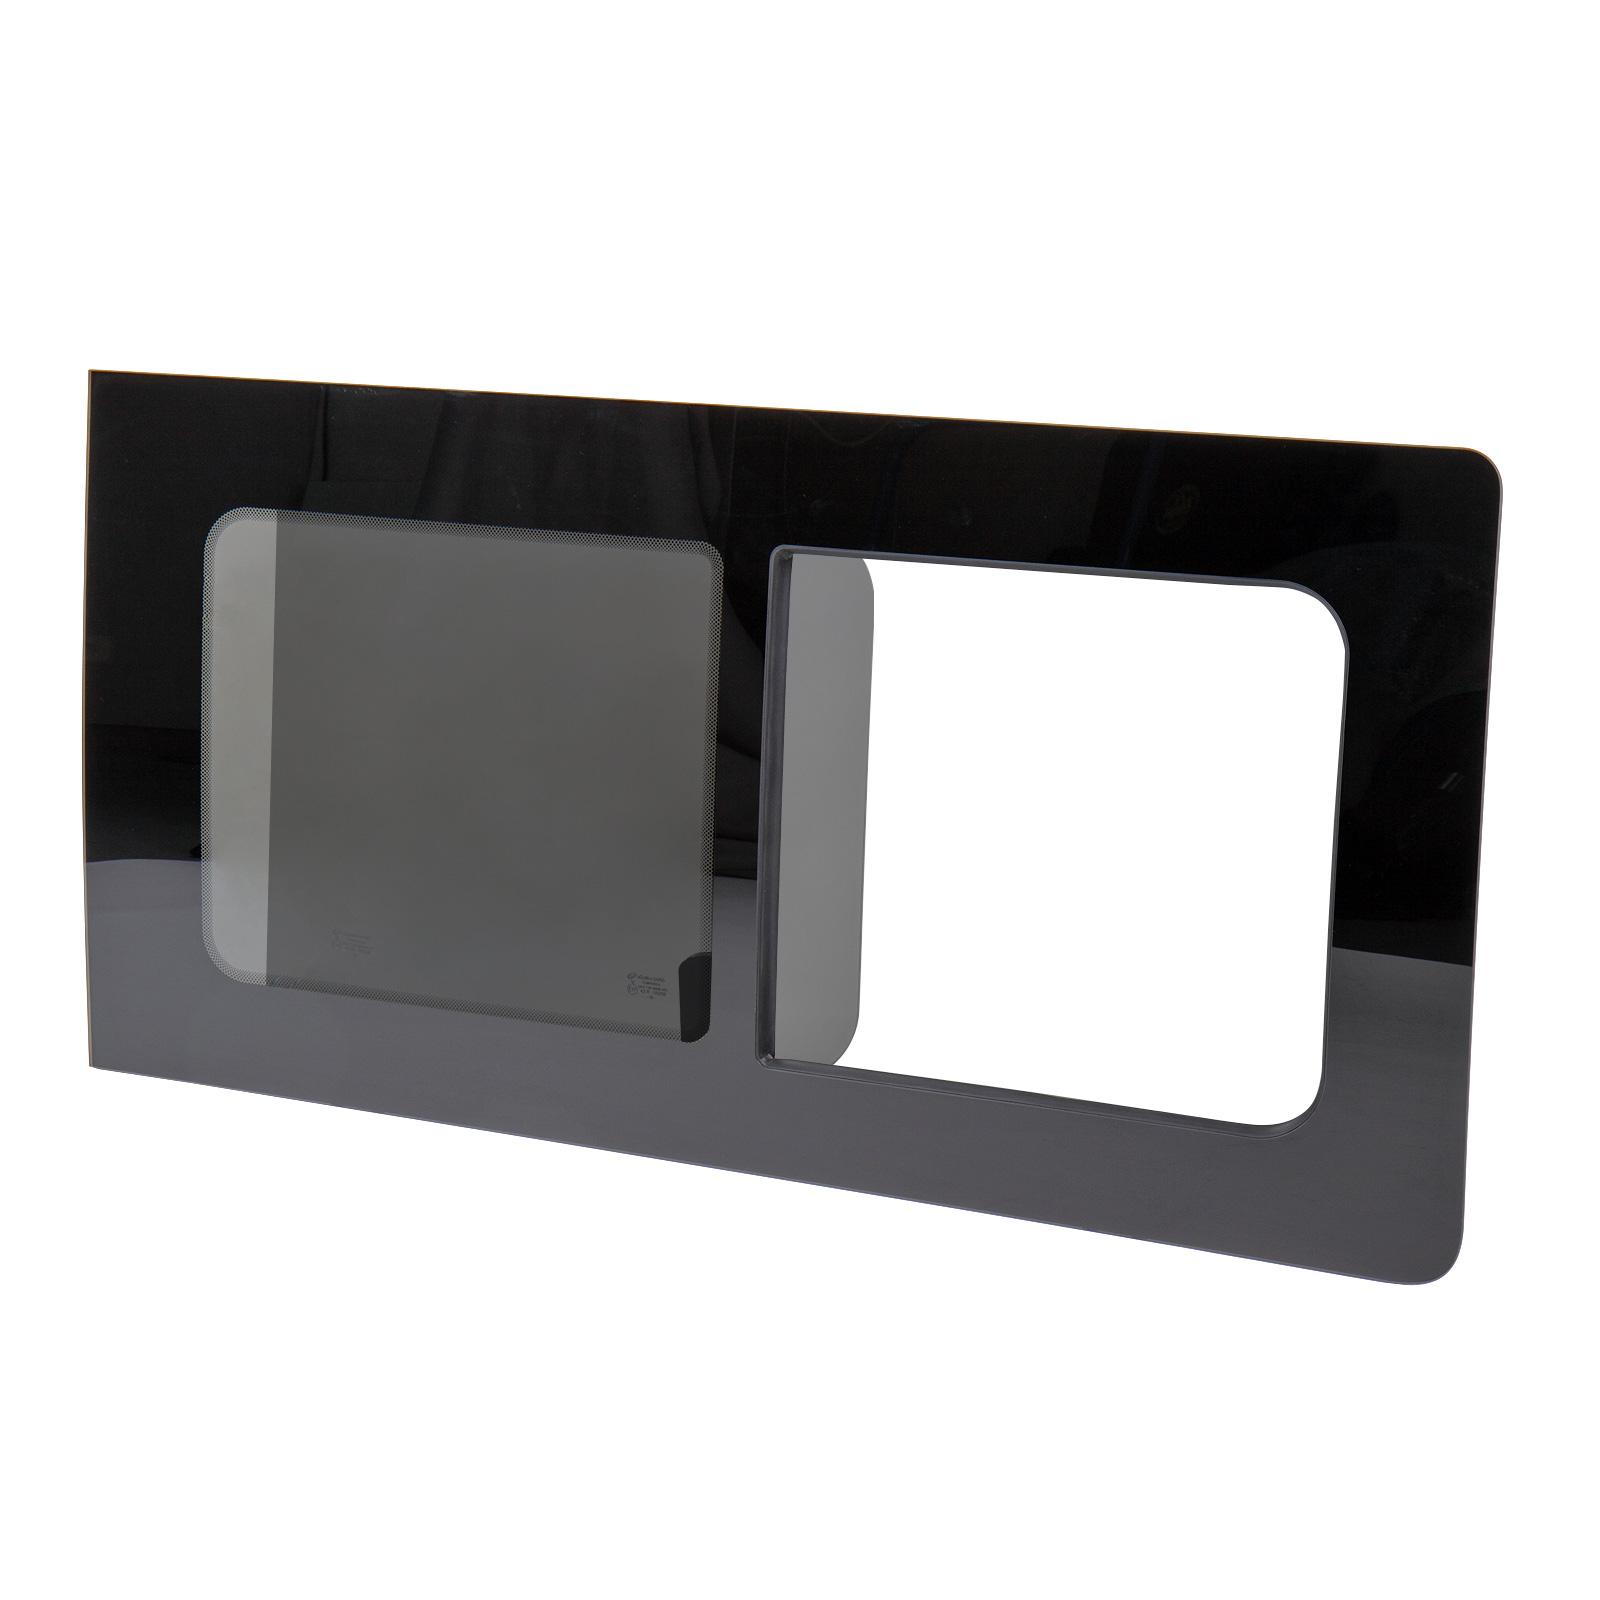 Schiebefenster-Seitenfenster-getoent-rechts-fuer-VW-T5-T6-Echtglas-113x58-cm Indexbild 3